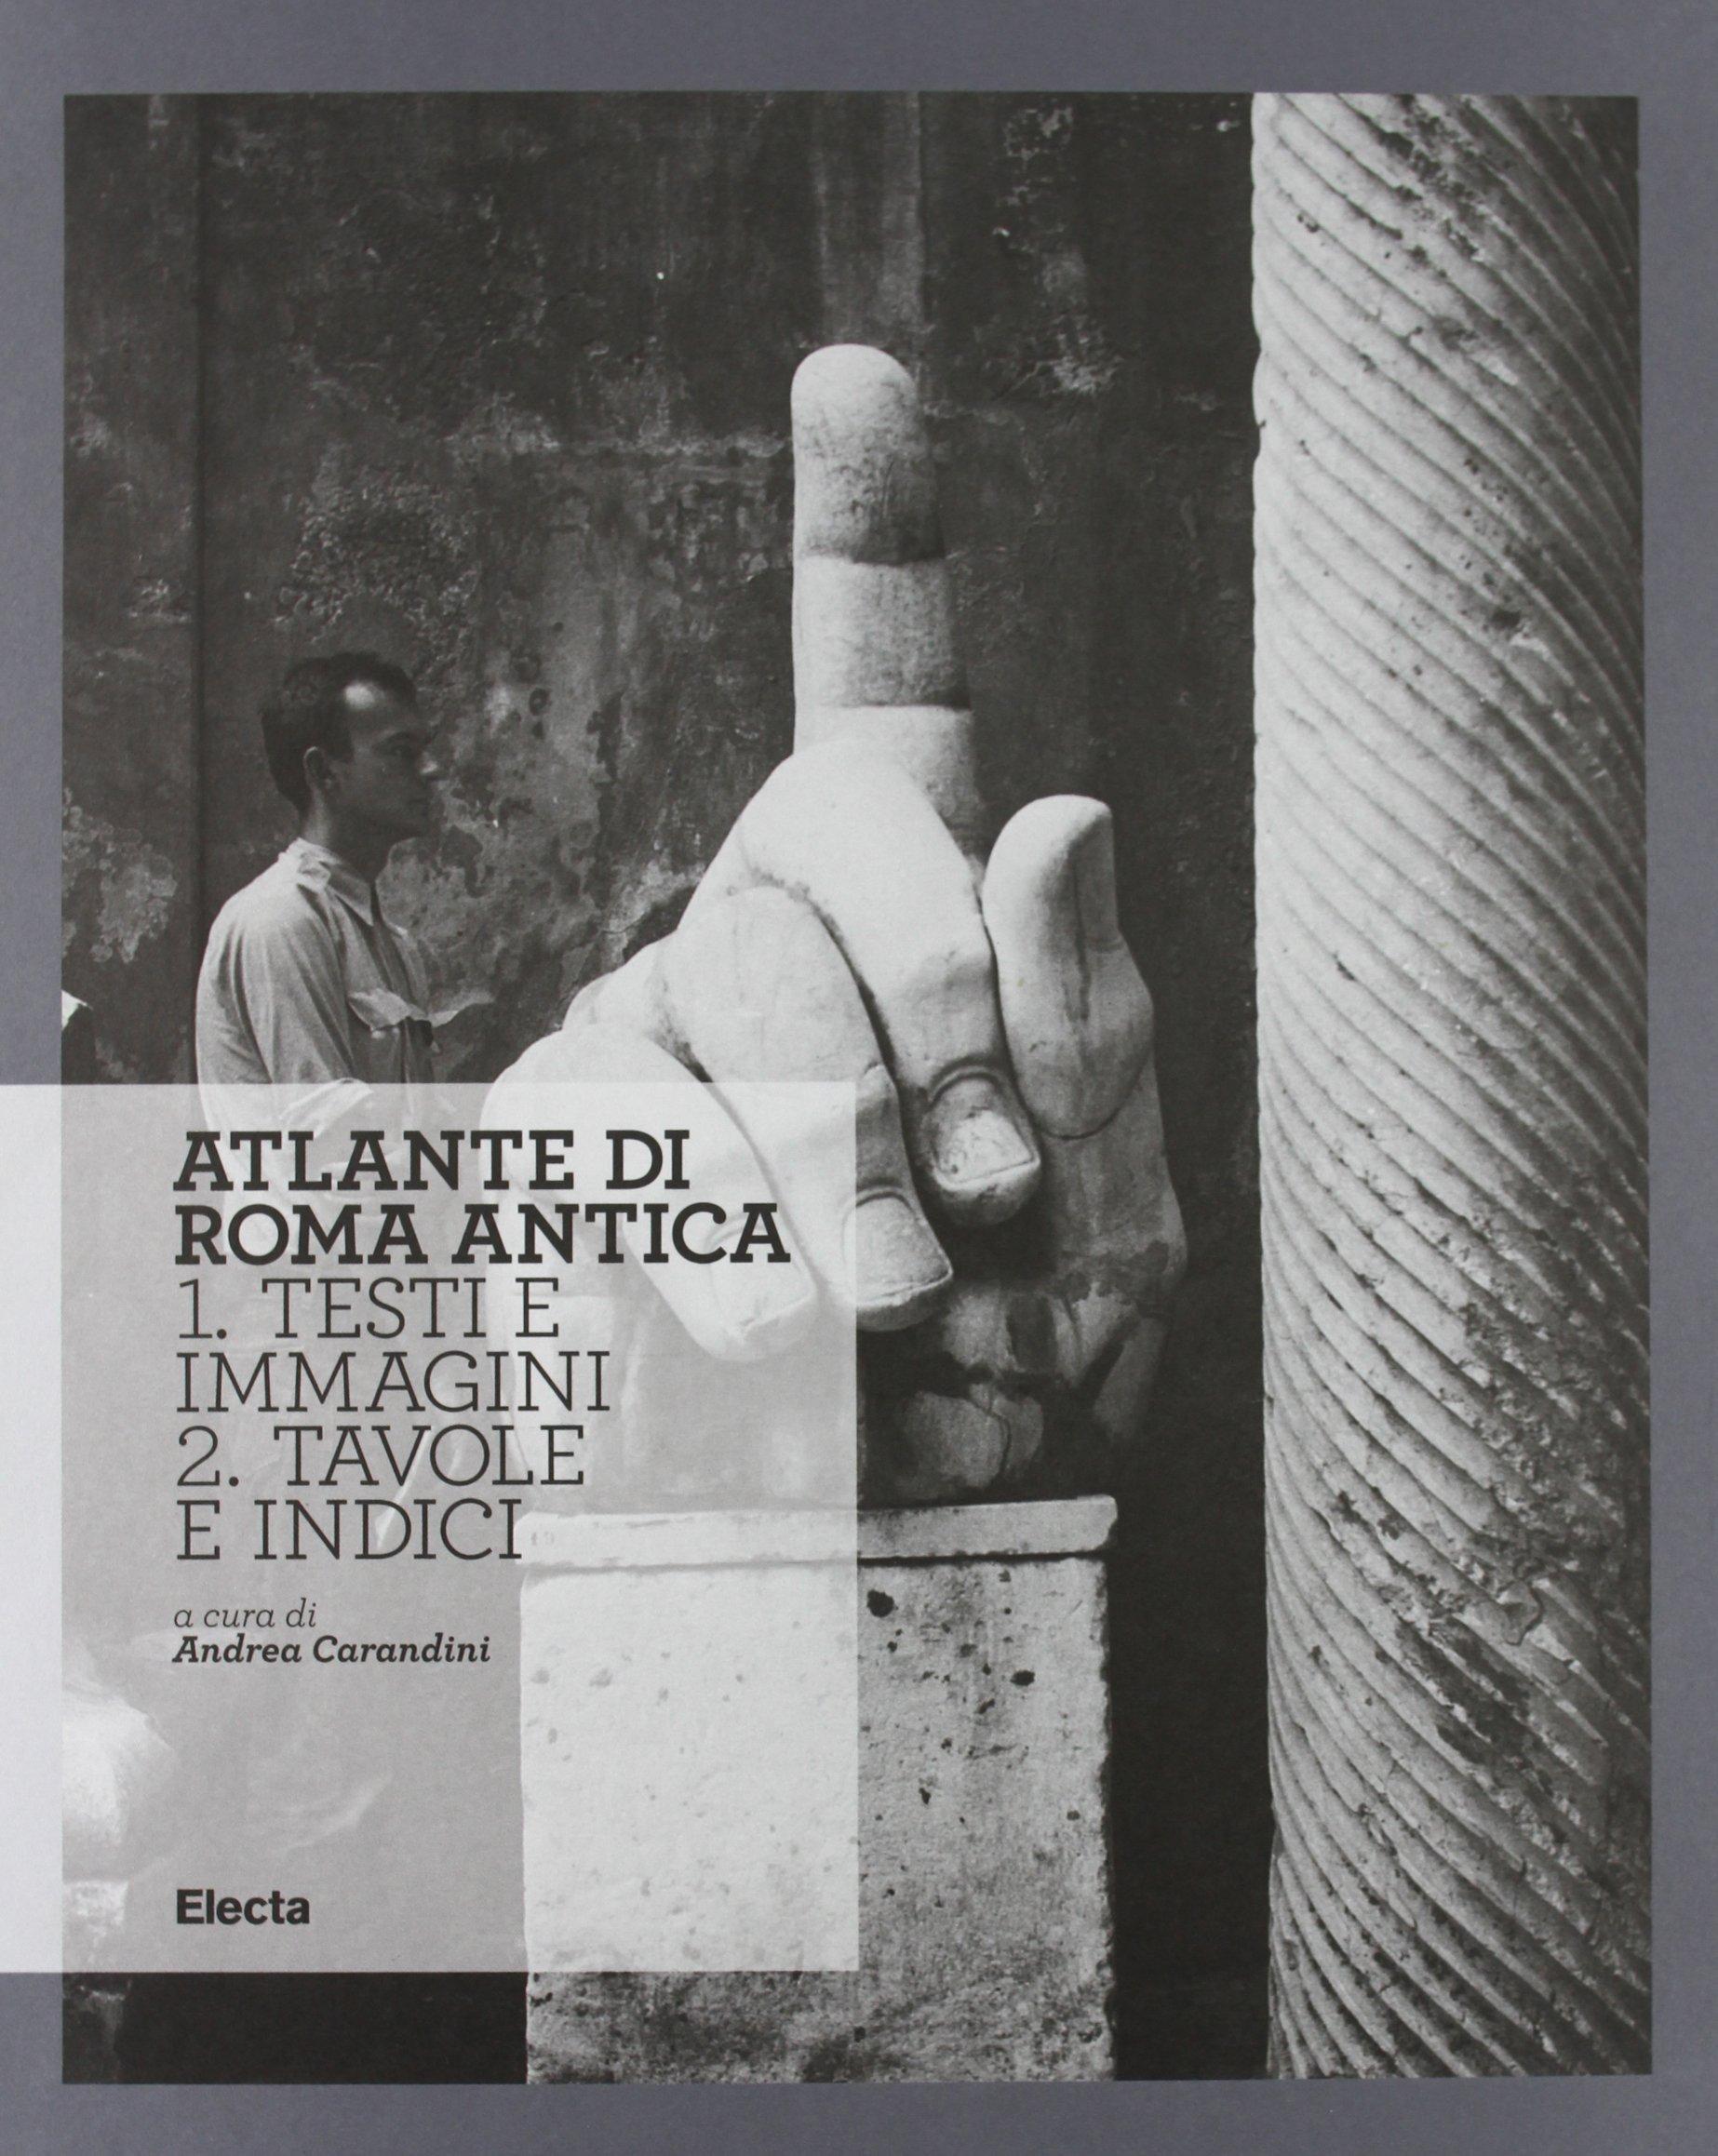 Atlante di Roma Antica di Andrea Carandini